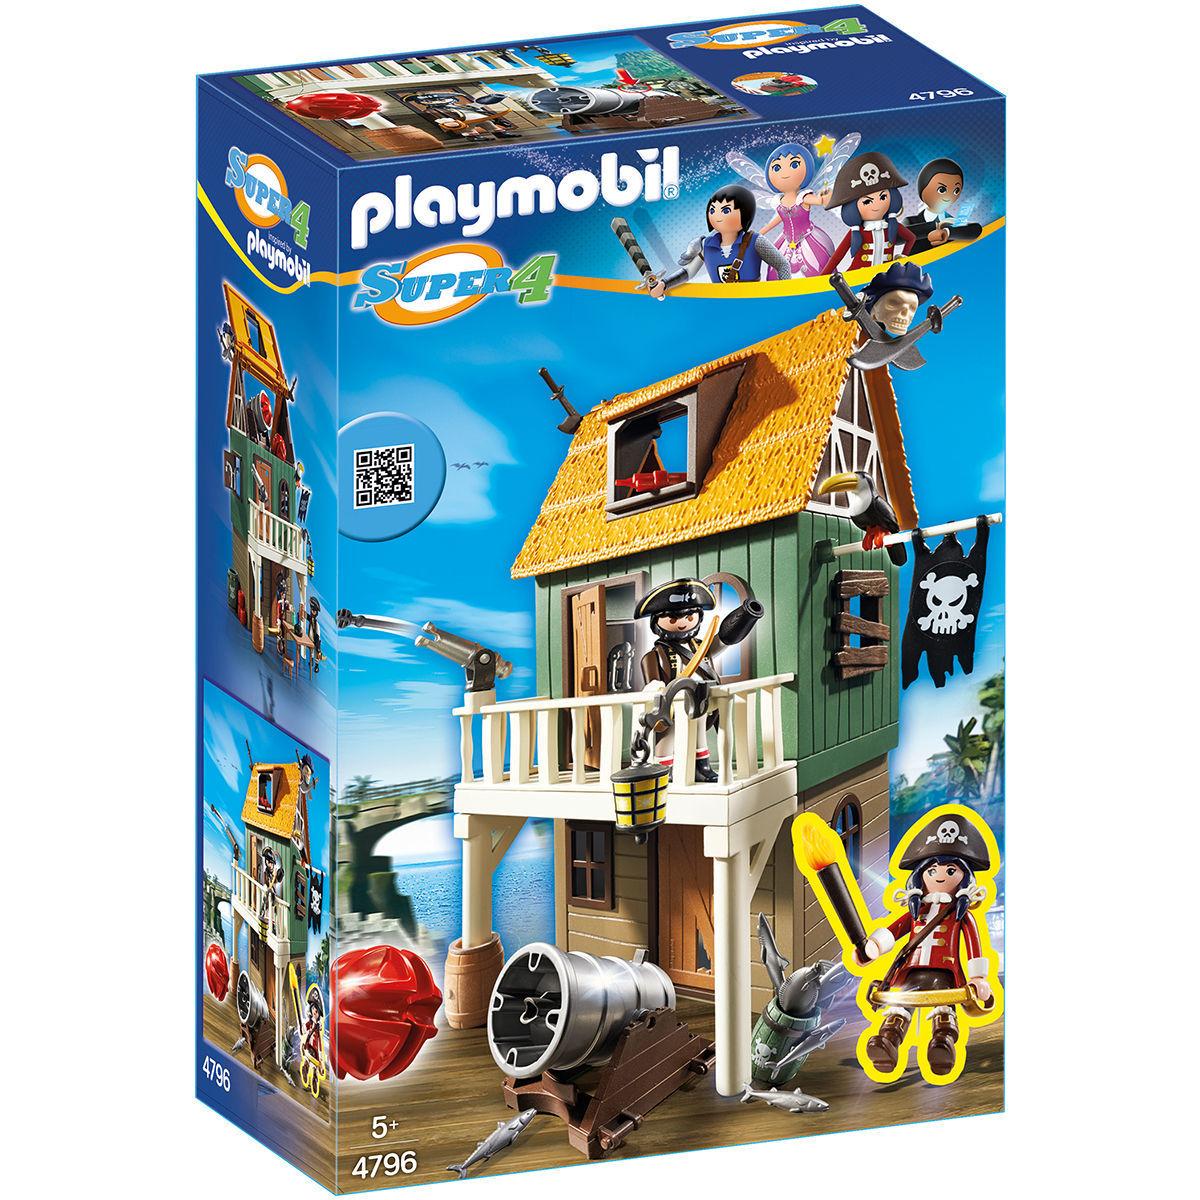 PLAYMOBIL 4796 Super 4 Getarnte Piratenfestung mit Ruby [karstadt.de]